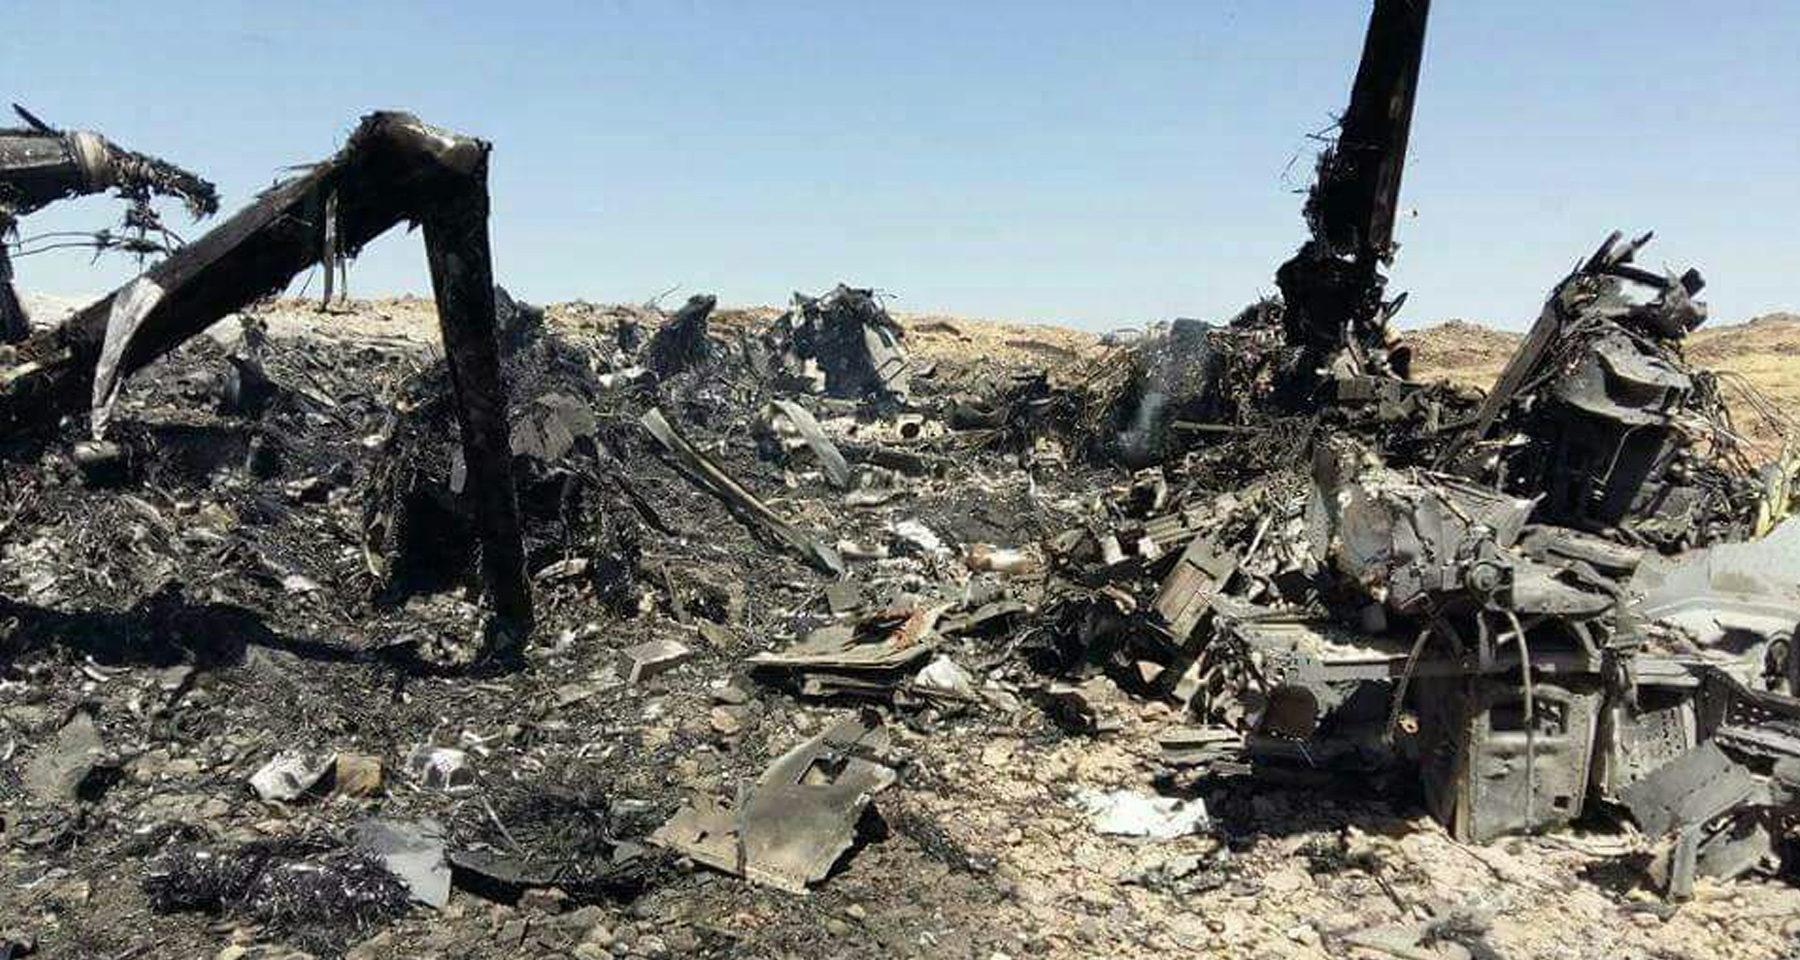 """© kokpit.aero -- Niepotwierdzone zdjęcie przedstawiające wrak przemiennopłata US MV-22 Osprey, który miał """"twarde lądowanie"""" podczas """"niespodziewanego nalotu na Al-Kaidę"""" w prowincji Al-Bajda, w środkowym Jemenie, 28 stycznia 2017"""